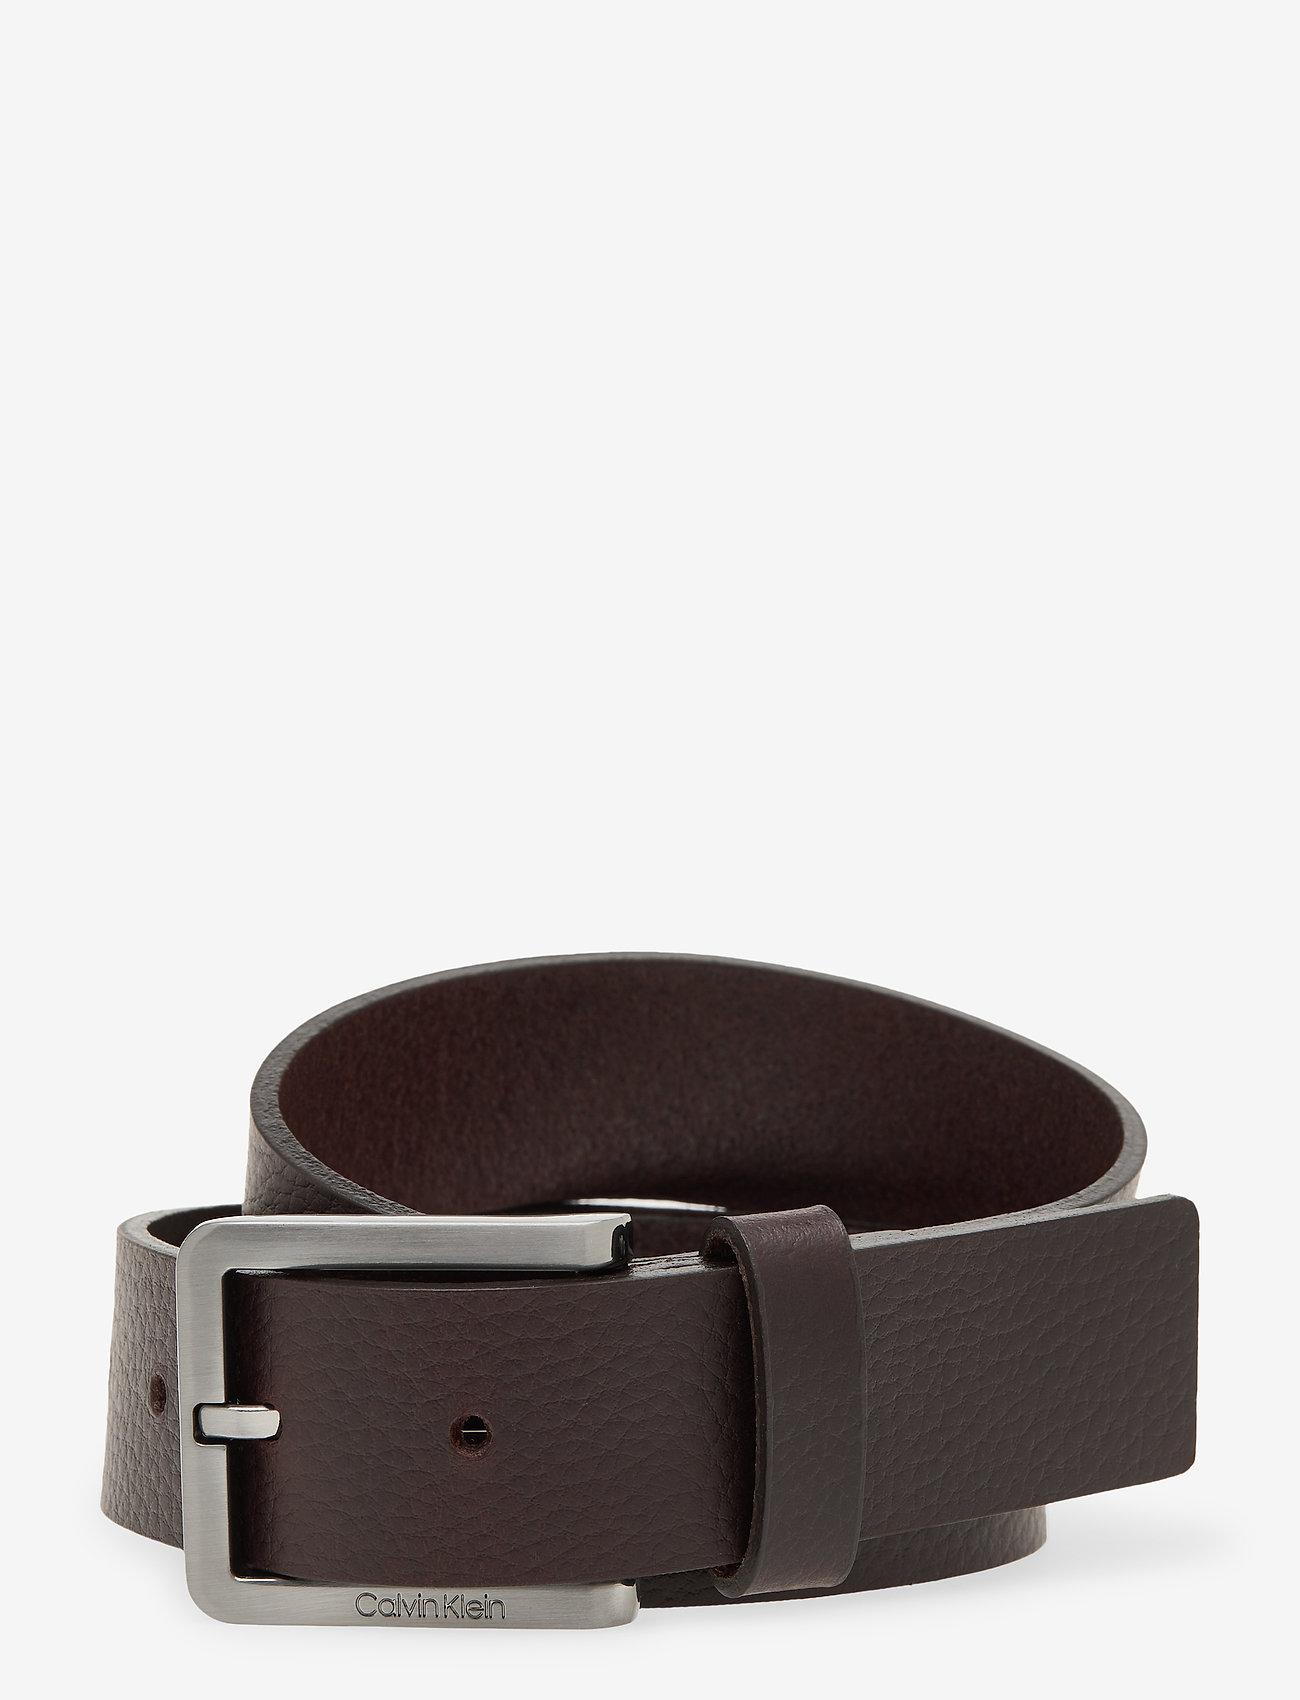 Calvin Klein - ESSENTIAL PLUS 35MM - belts - dark brown - 0